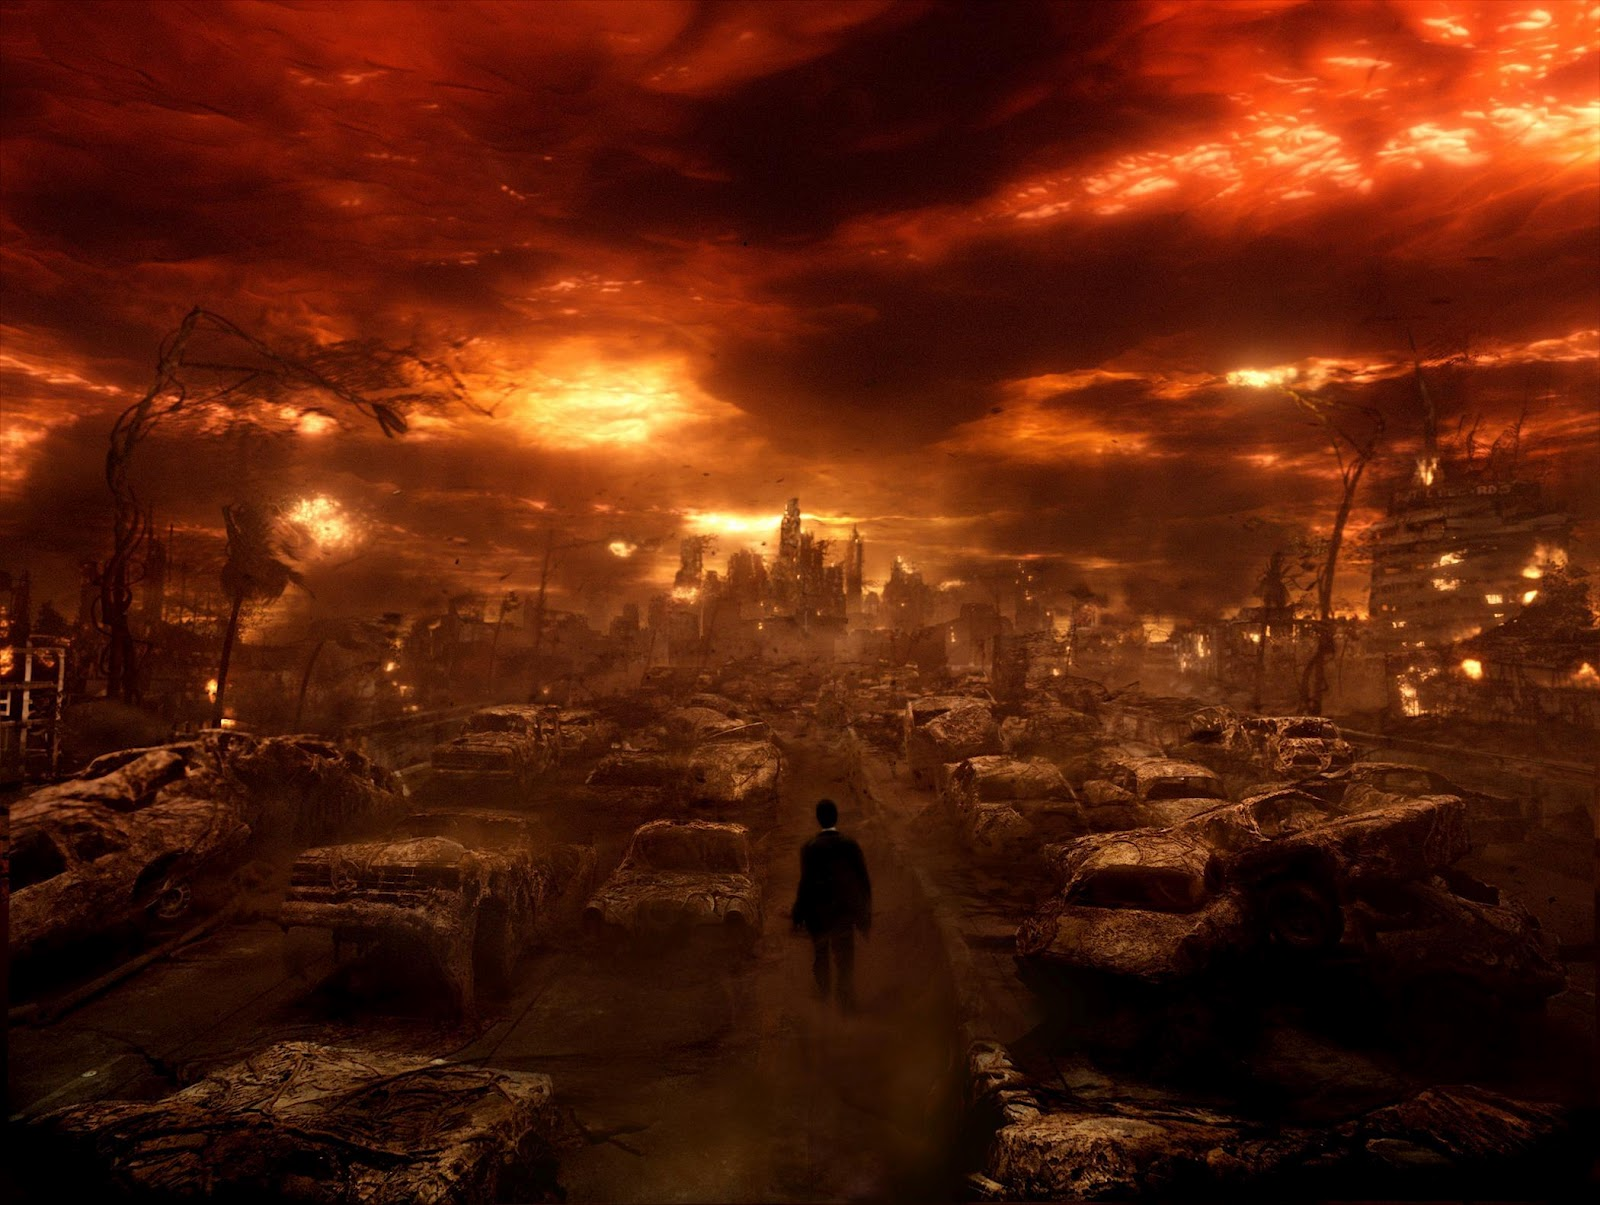 El trovador de medianoche las puertas del infierno for 9 puertas del infierno